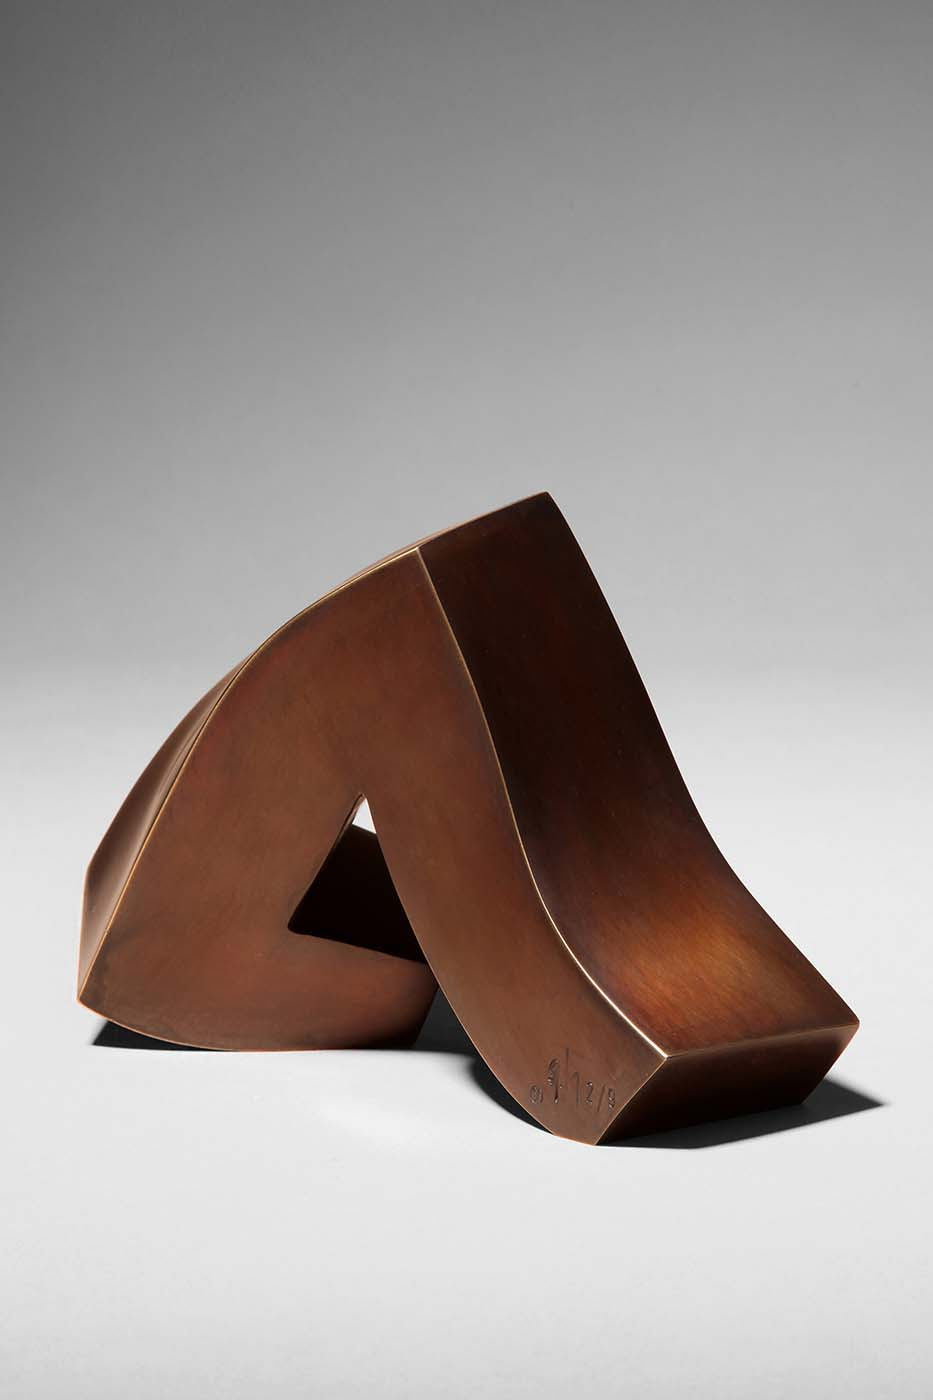 Kleiner Purzelbaum, 2012, Bronze, 11 x 17 x 9 cm (02)